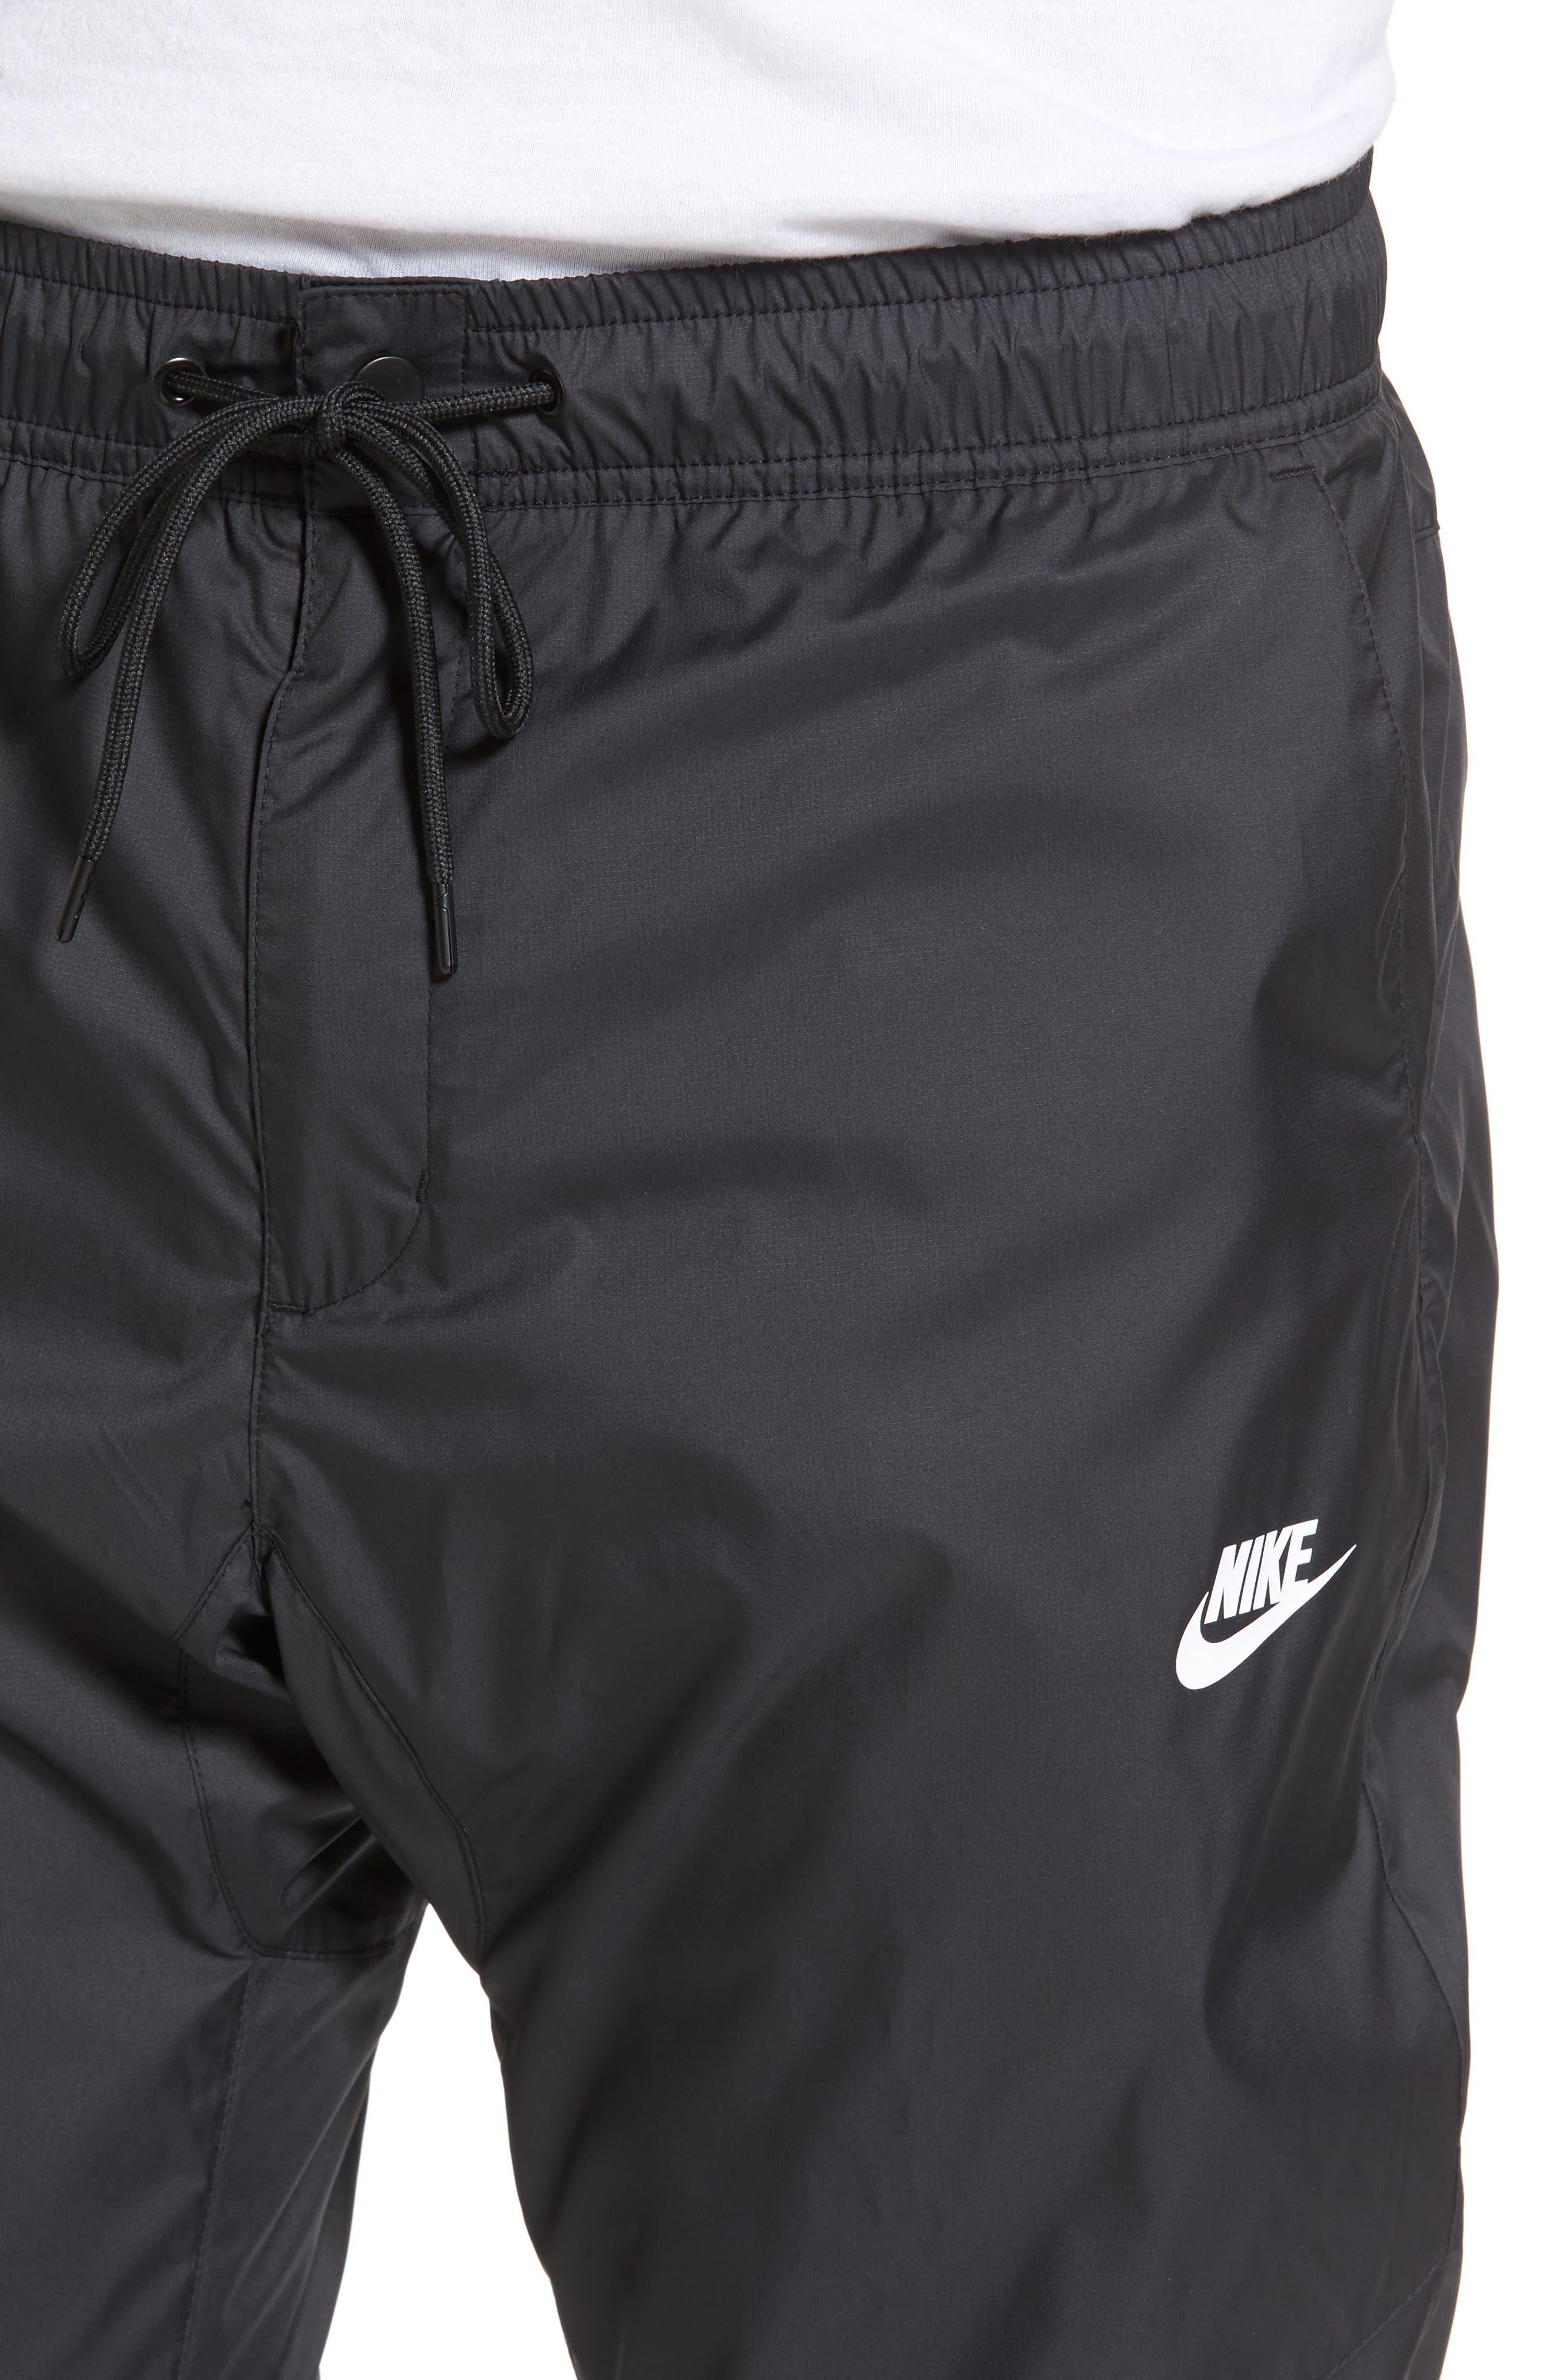 Windrunner Training Pants,                             Alternate thumbnail 4, color,                             Black/ Black/ Black/ White